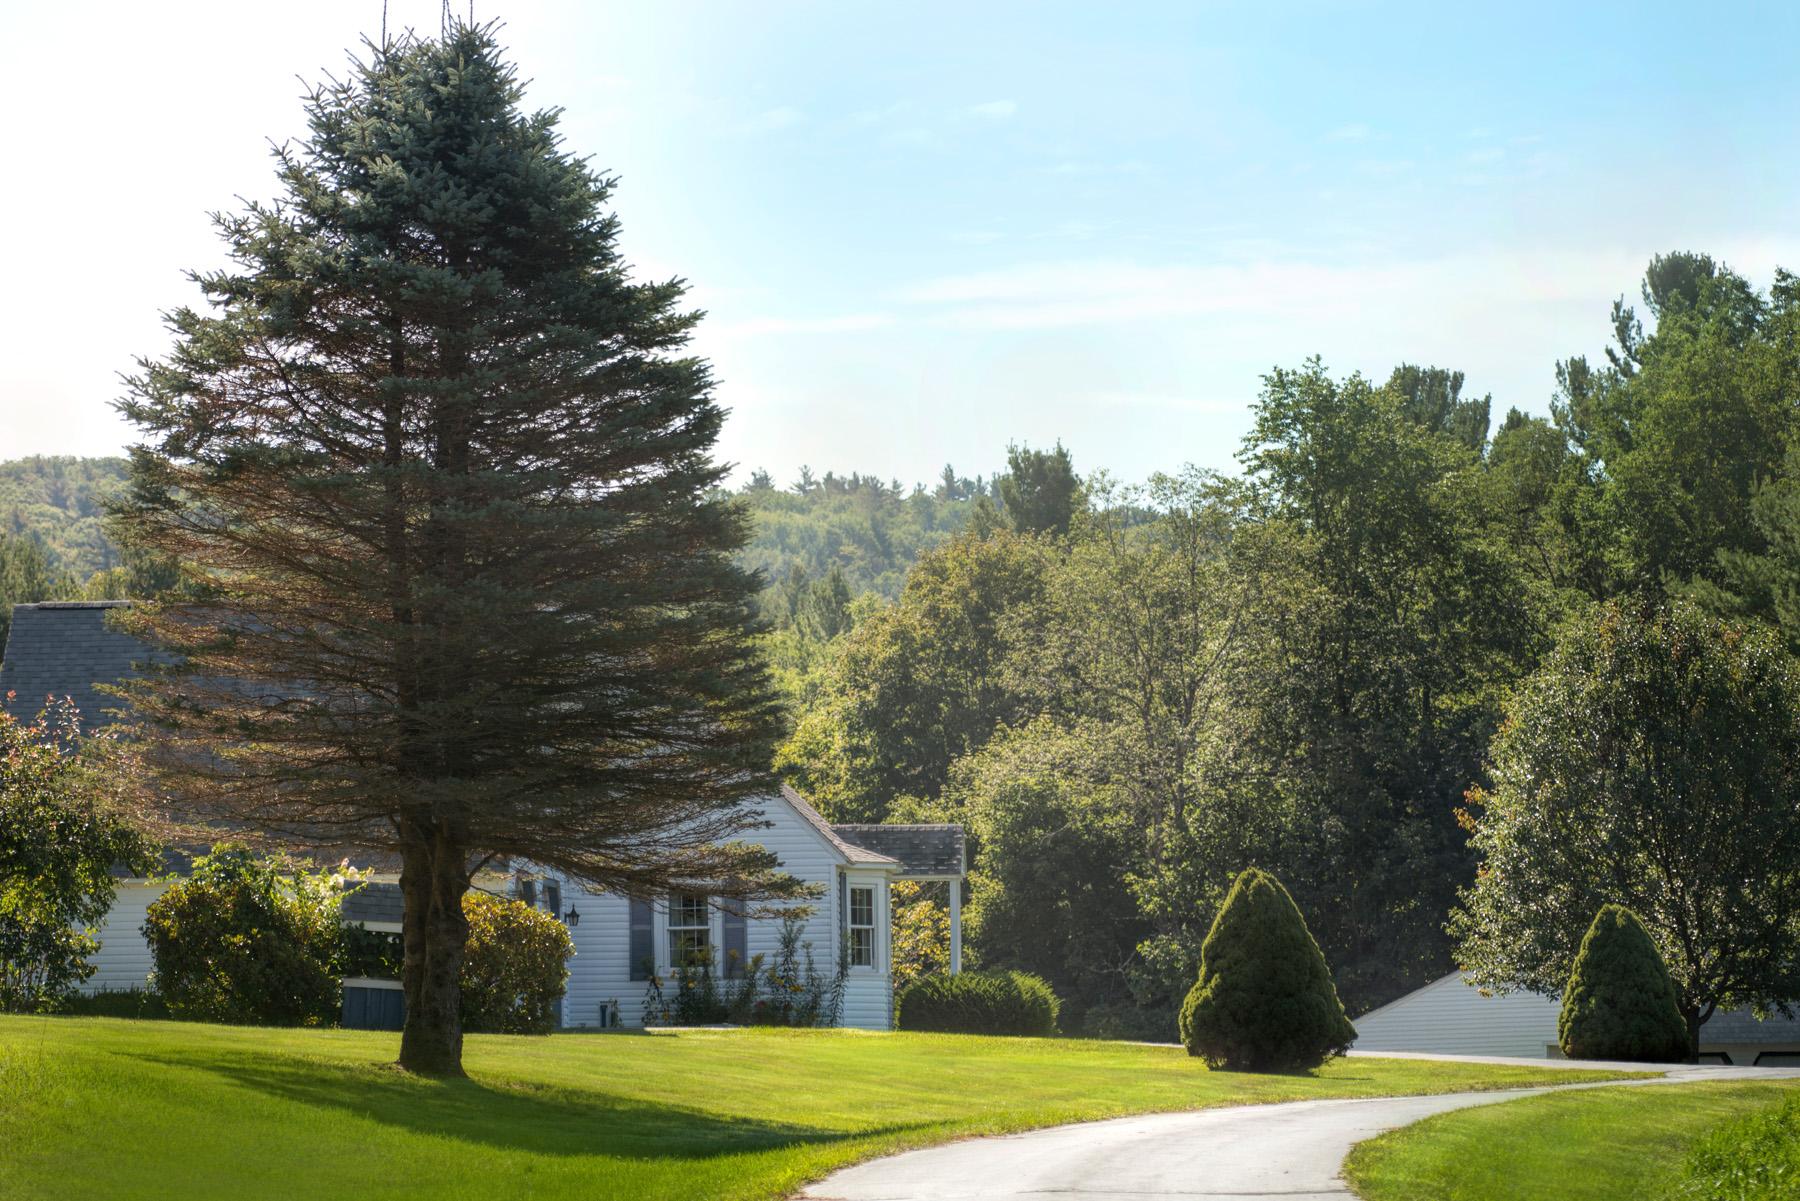 단독 가정 주택 용 매매 에 Outstanding 140+ Acre Property, with picturesque 2,379 SF Cape. 540 Main Rd Monterey, 매사추세츠 01245 미국